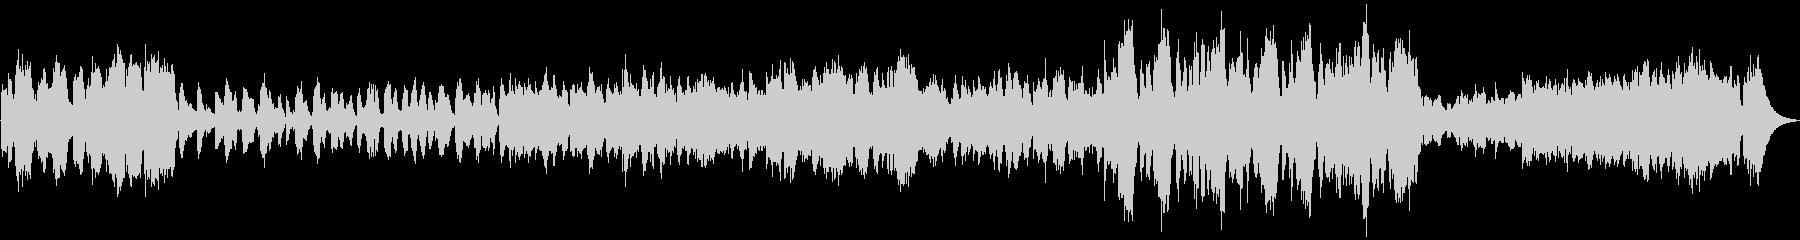 オーケストラによる甲子園のテーマの様な曲の未再生の波形